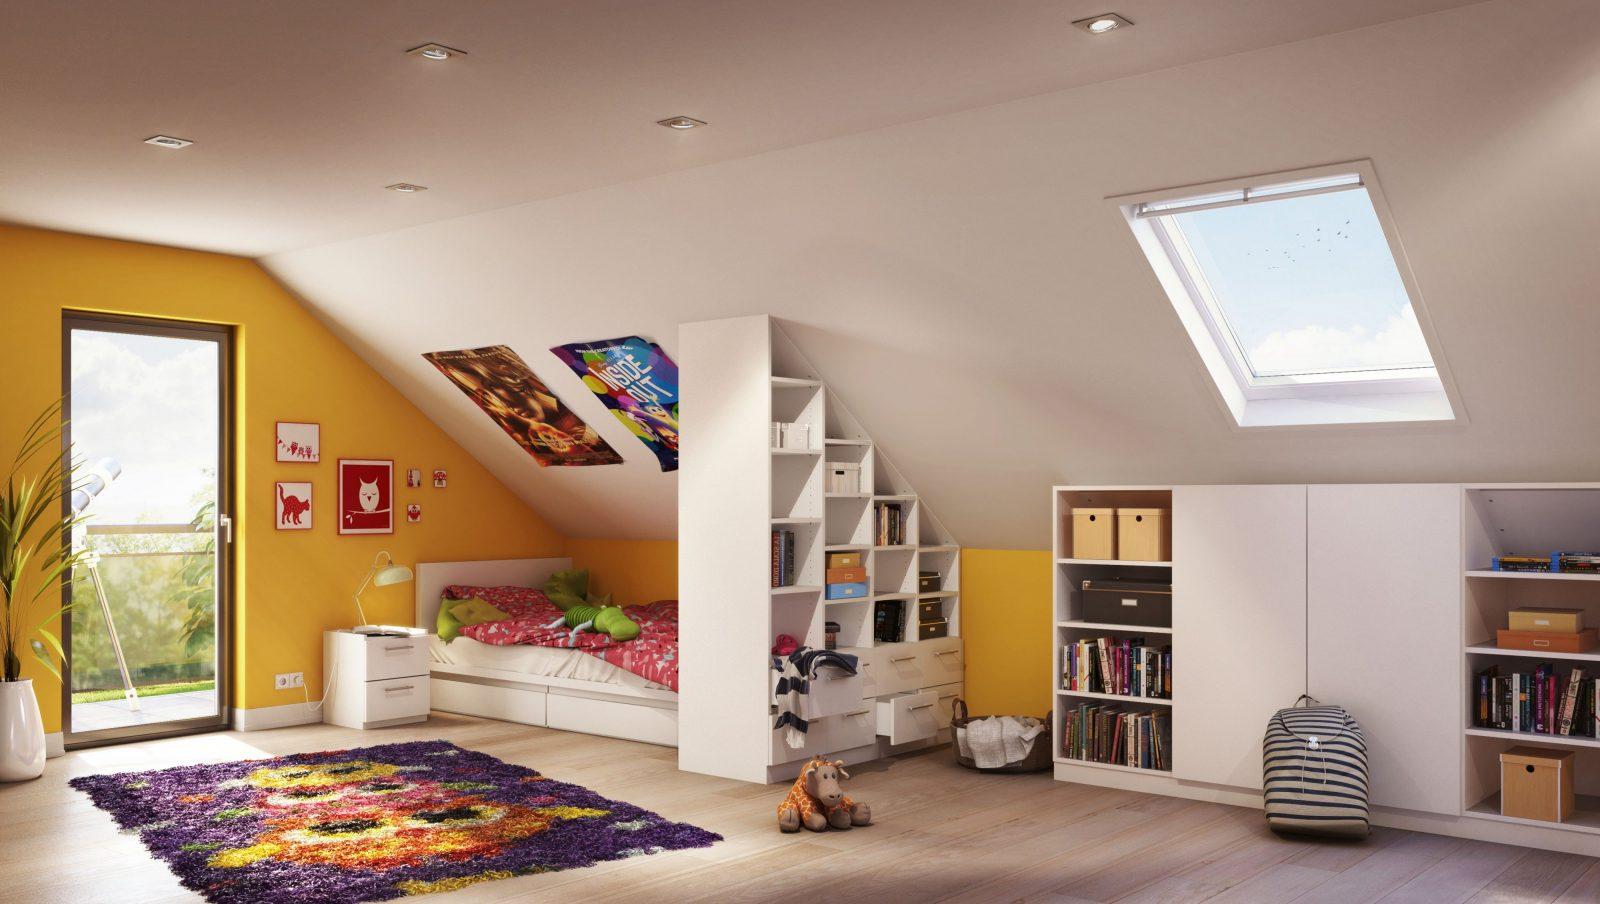 Das Farbenfrohe Kinderzimmer Wurde Mit Perfekt Passenden Maßmöbeln von Kinderzimmer Mit Dachschräge Einrichten Bild